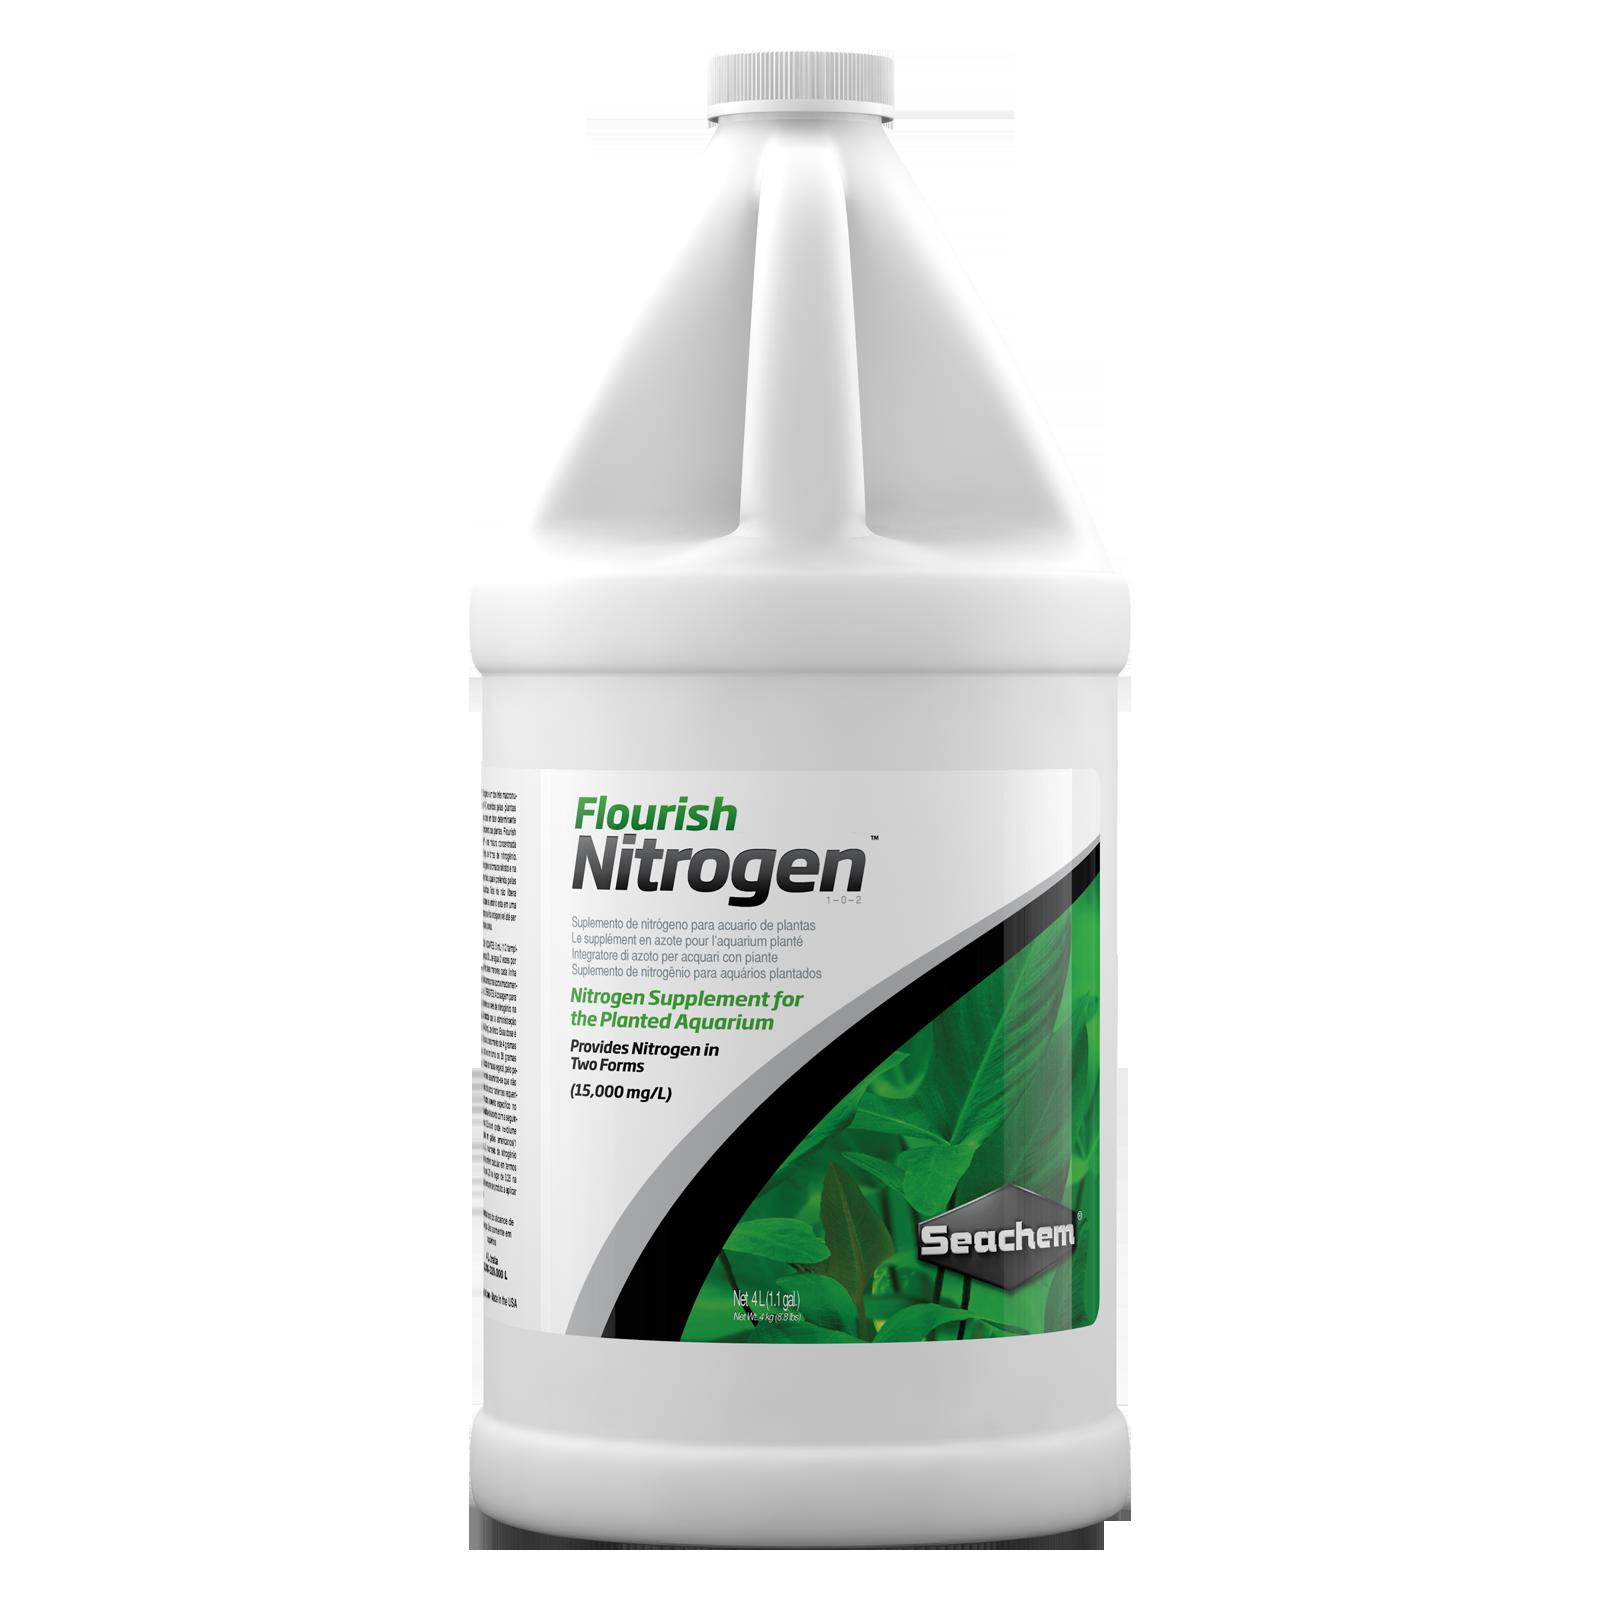 محلول فلوریش نیتروژن سیچم